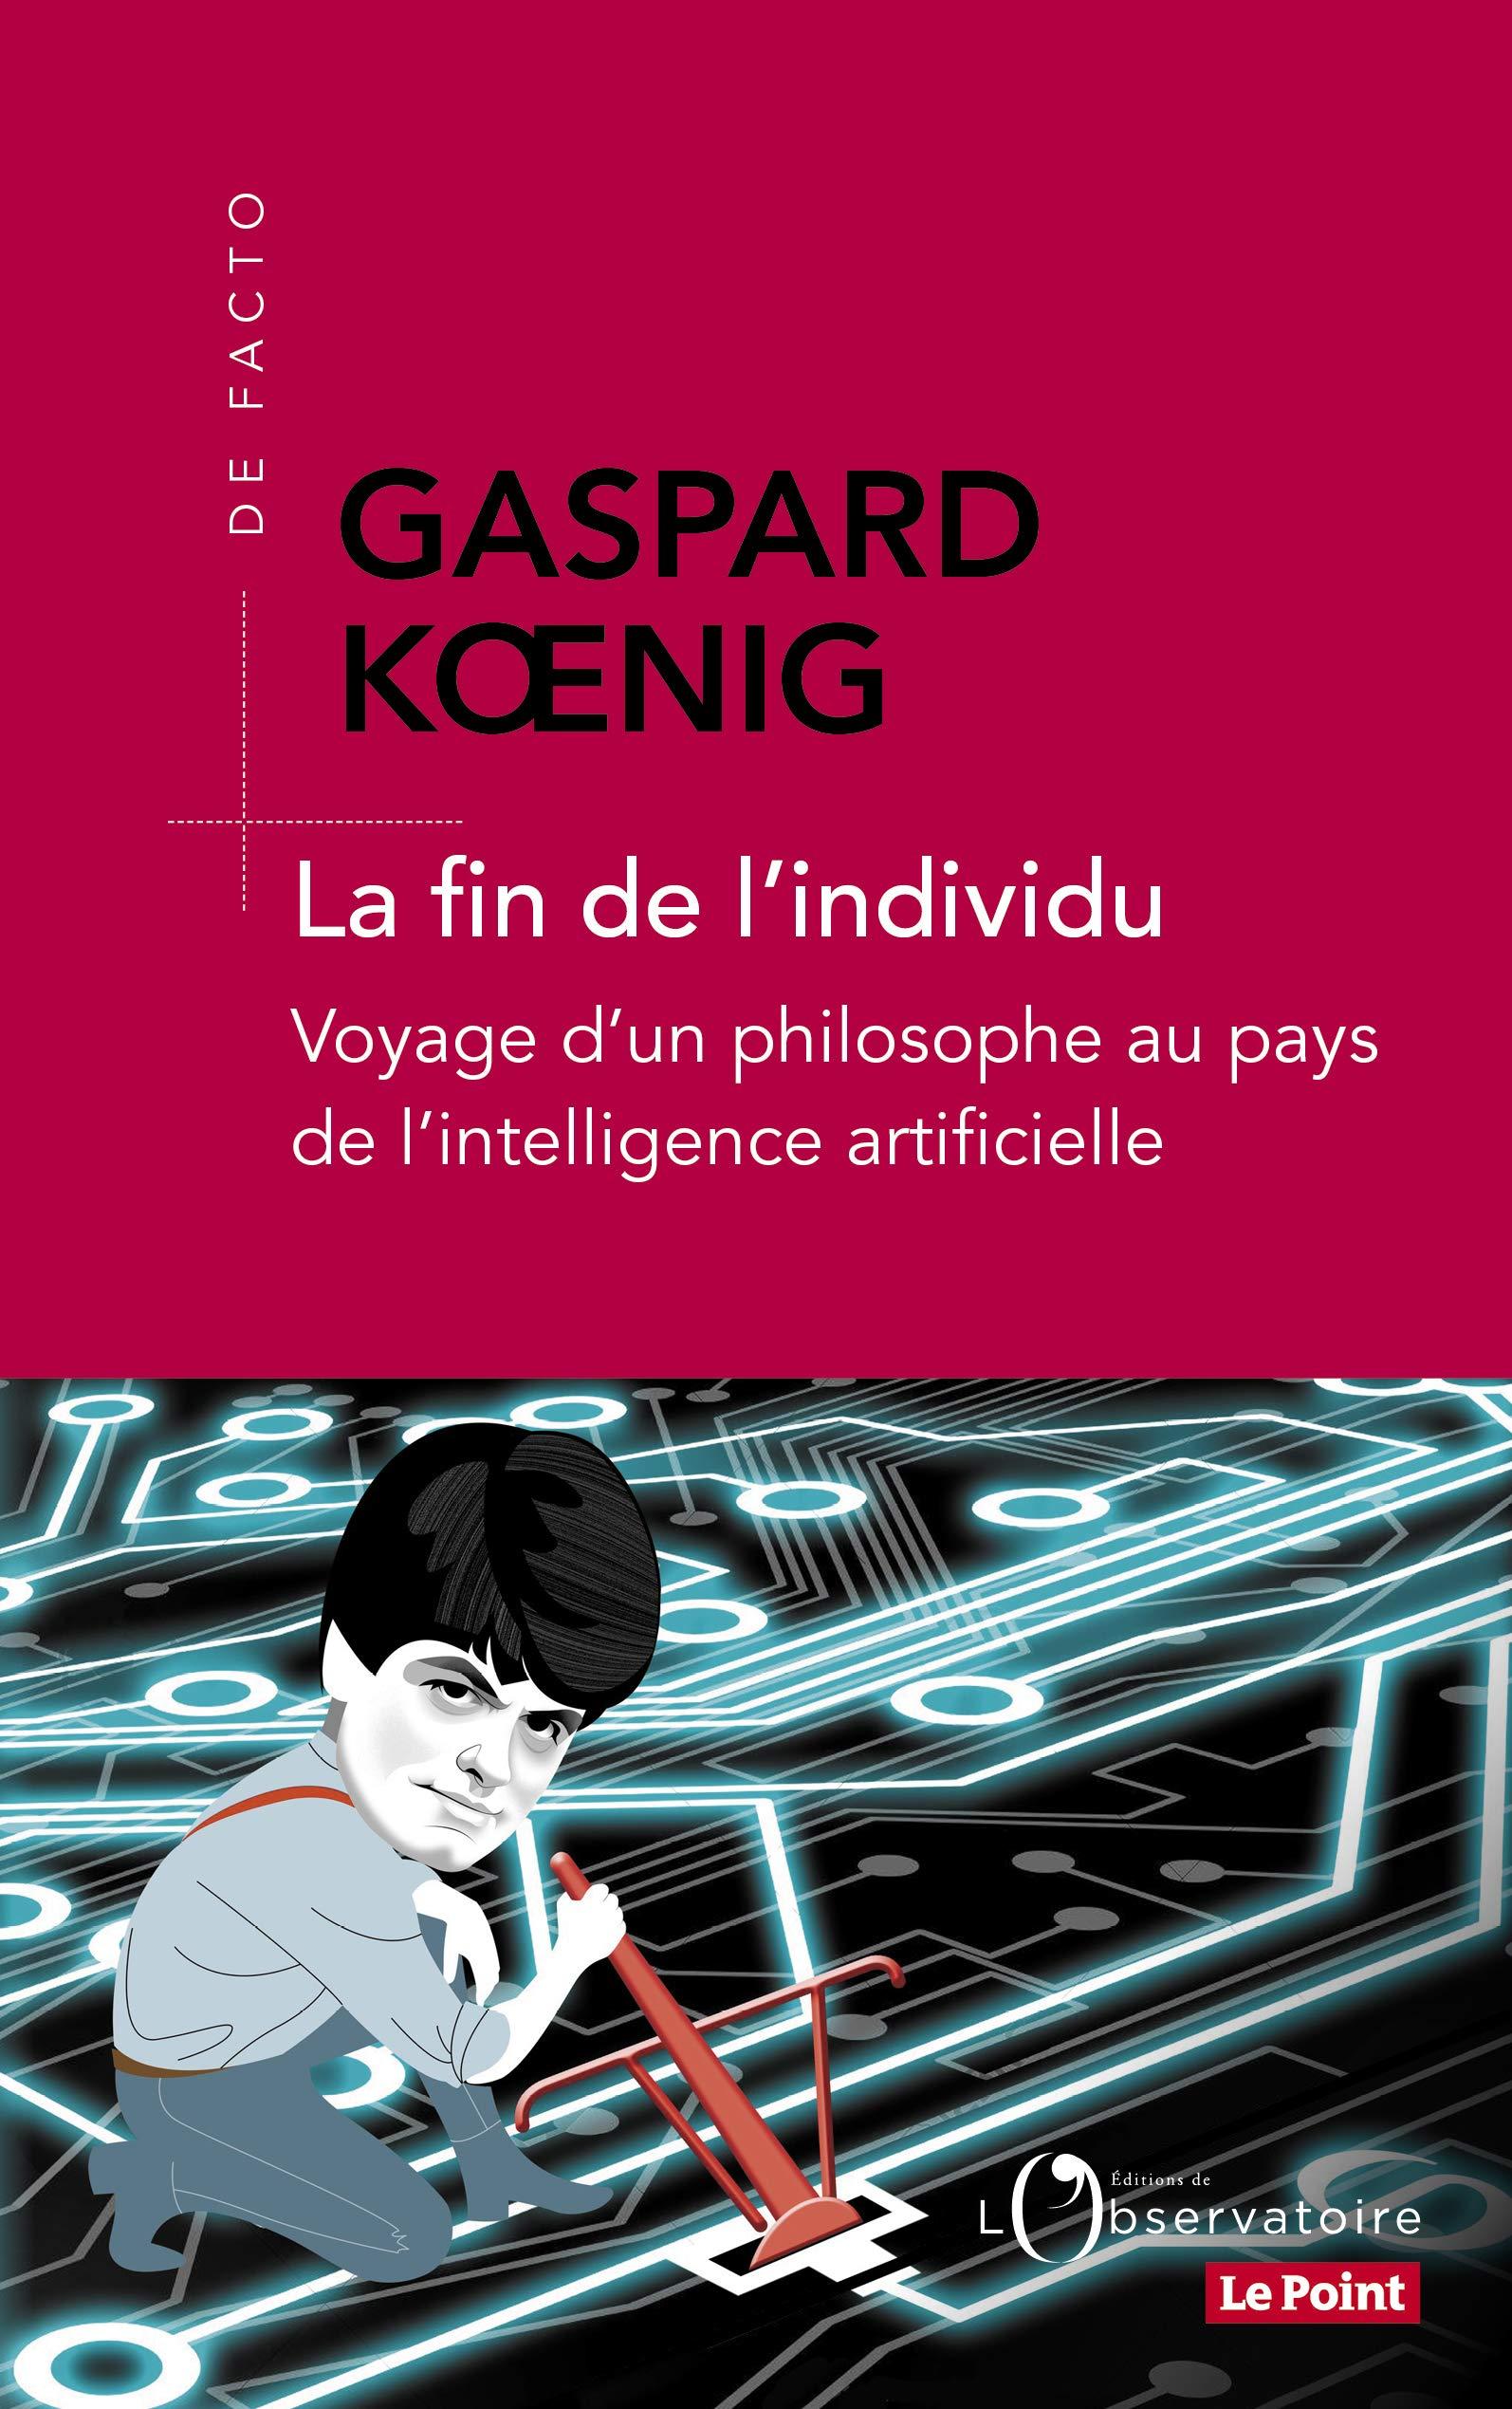 La fin de l'individu : Voyage d'un philosophe au pays de l'intelligence artificielle de Gaspard Koenig